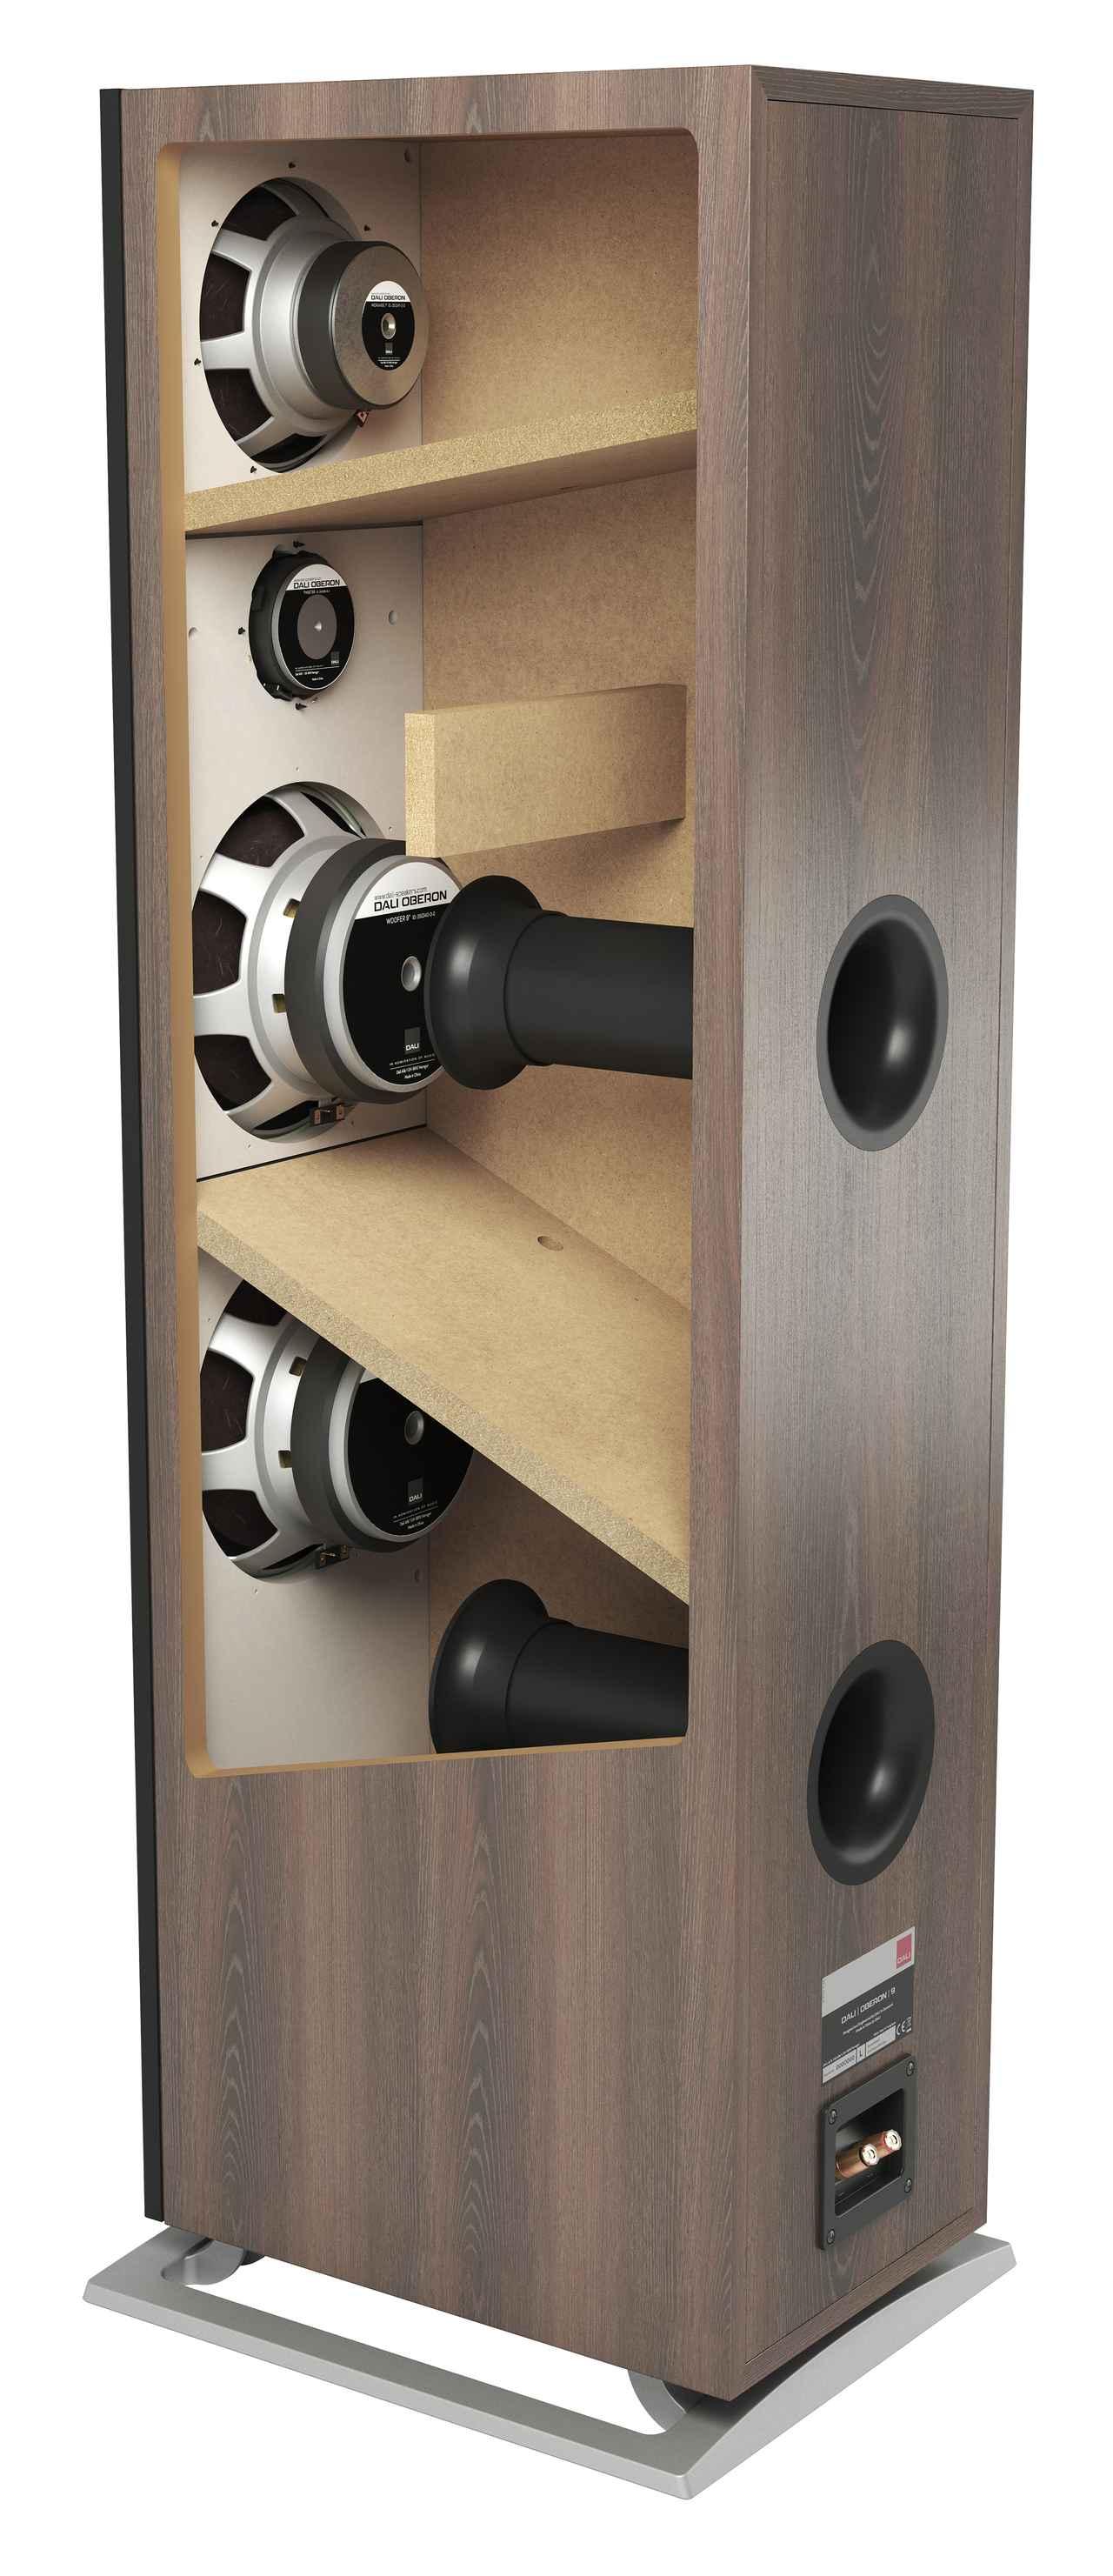 画像: エンクロージャー内部の構造を見ると、ミッドレンジとウーファーそれぞれに別の部屋に仕切られていることがわかる。ウーファーはそれぞれに別のバスレフポートが配されて、低音の抜けのよさを追求している